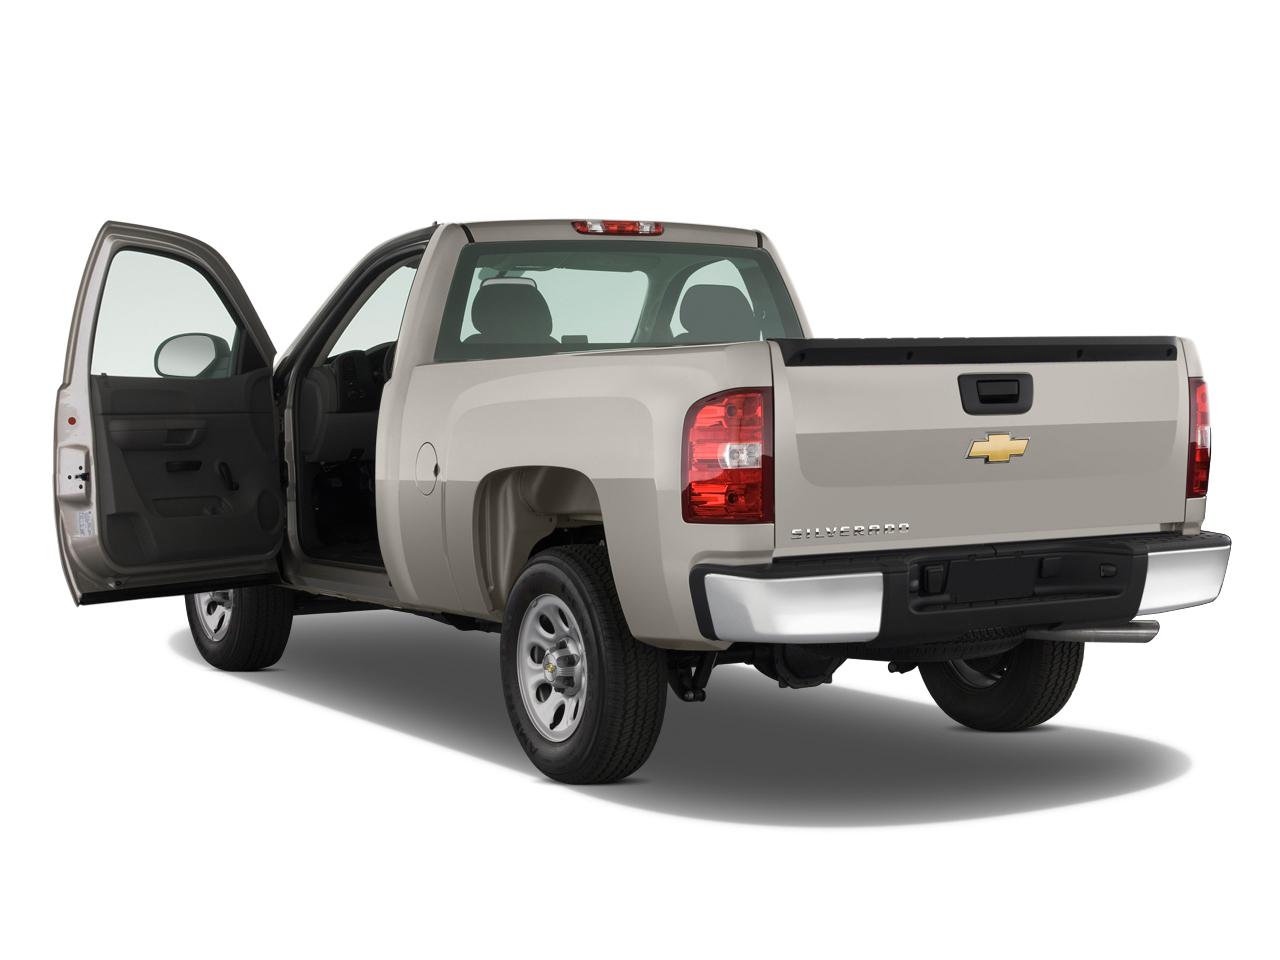 Silverado Hybrid Review >> 2009 Chevrolet Silverado Hybrid - Chevy Hybrid Pickup Truck Review - Automobile Magazine